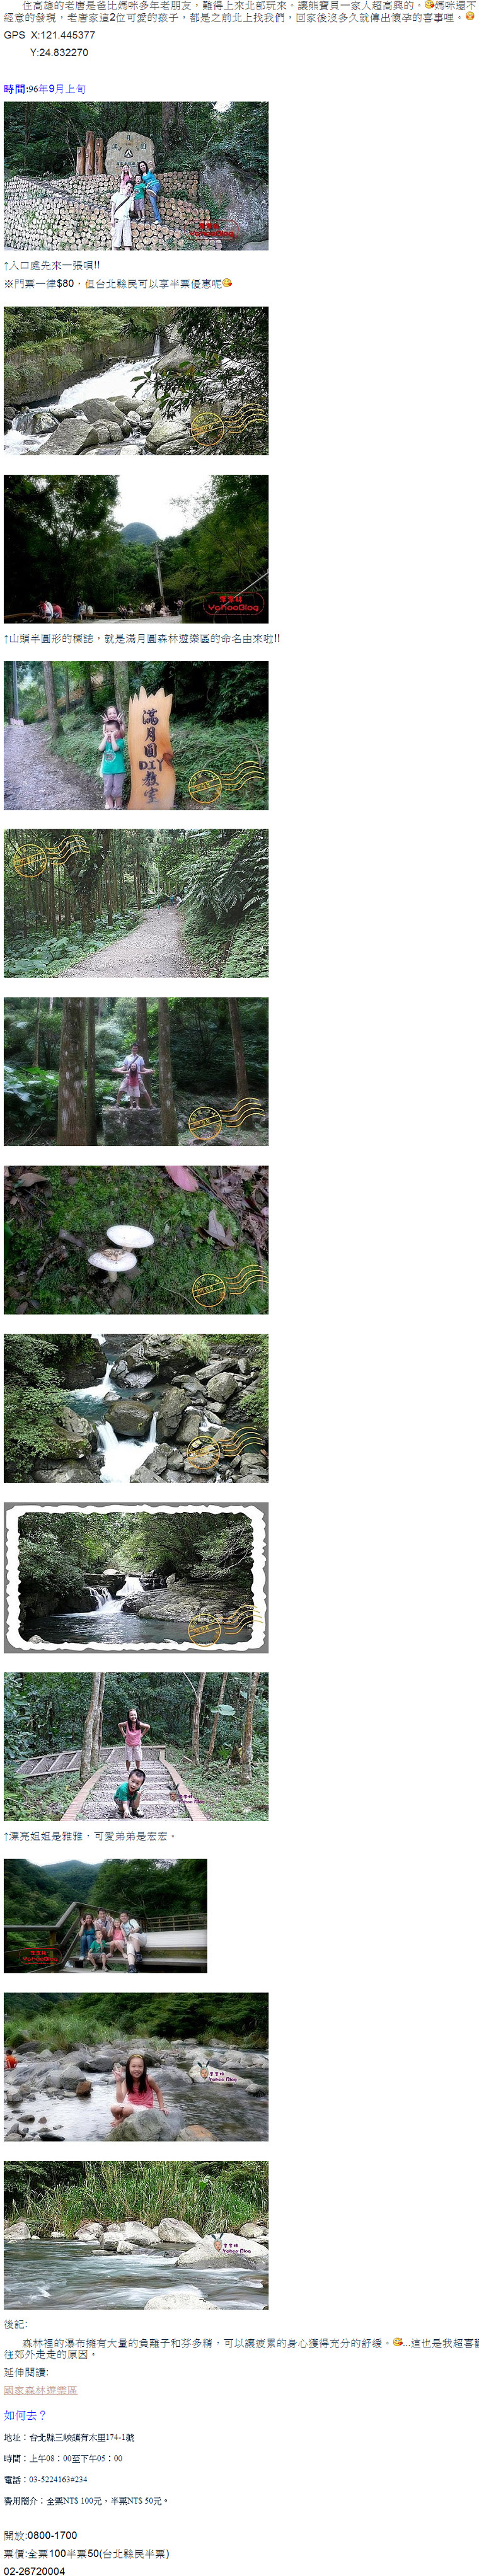 三峽旅遊景點 滿月圓森林遊樂區